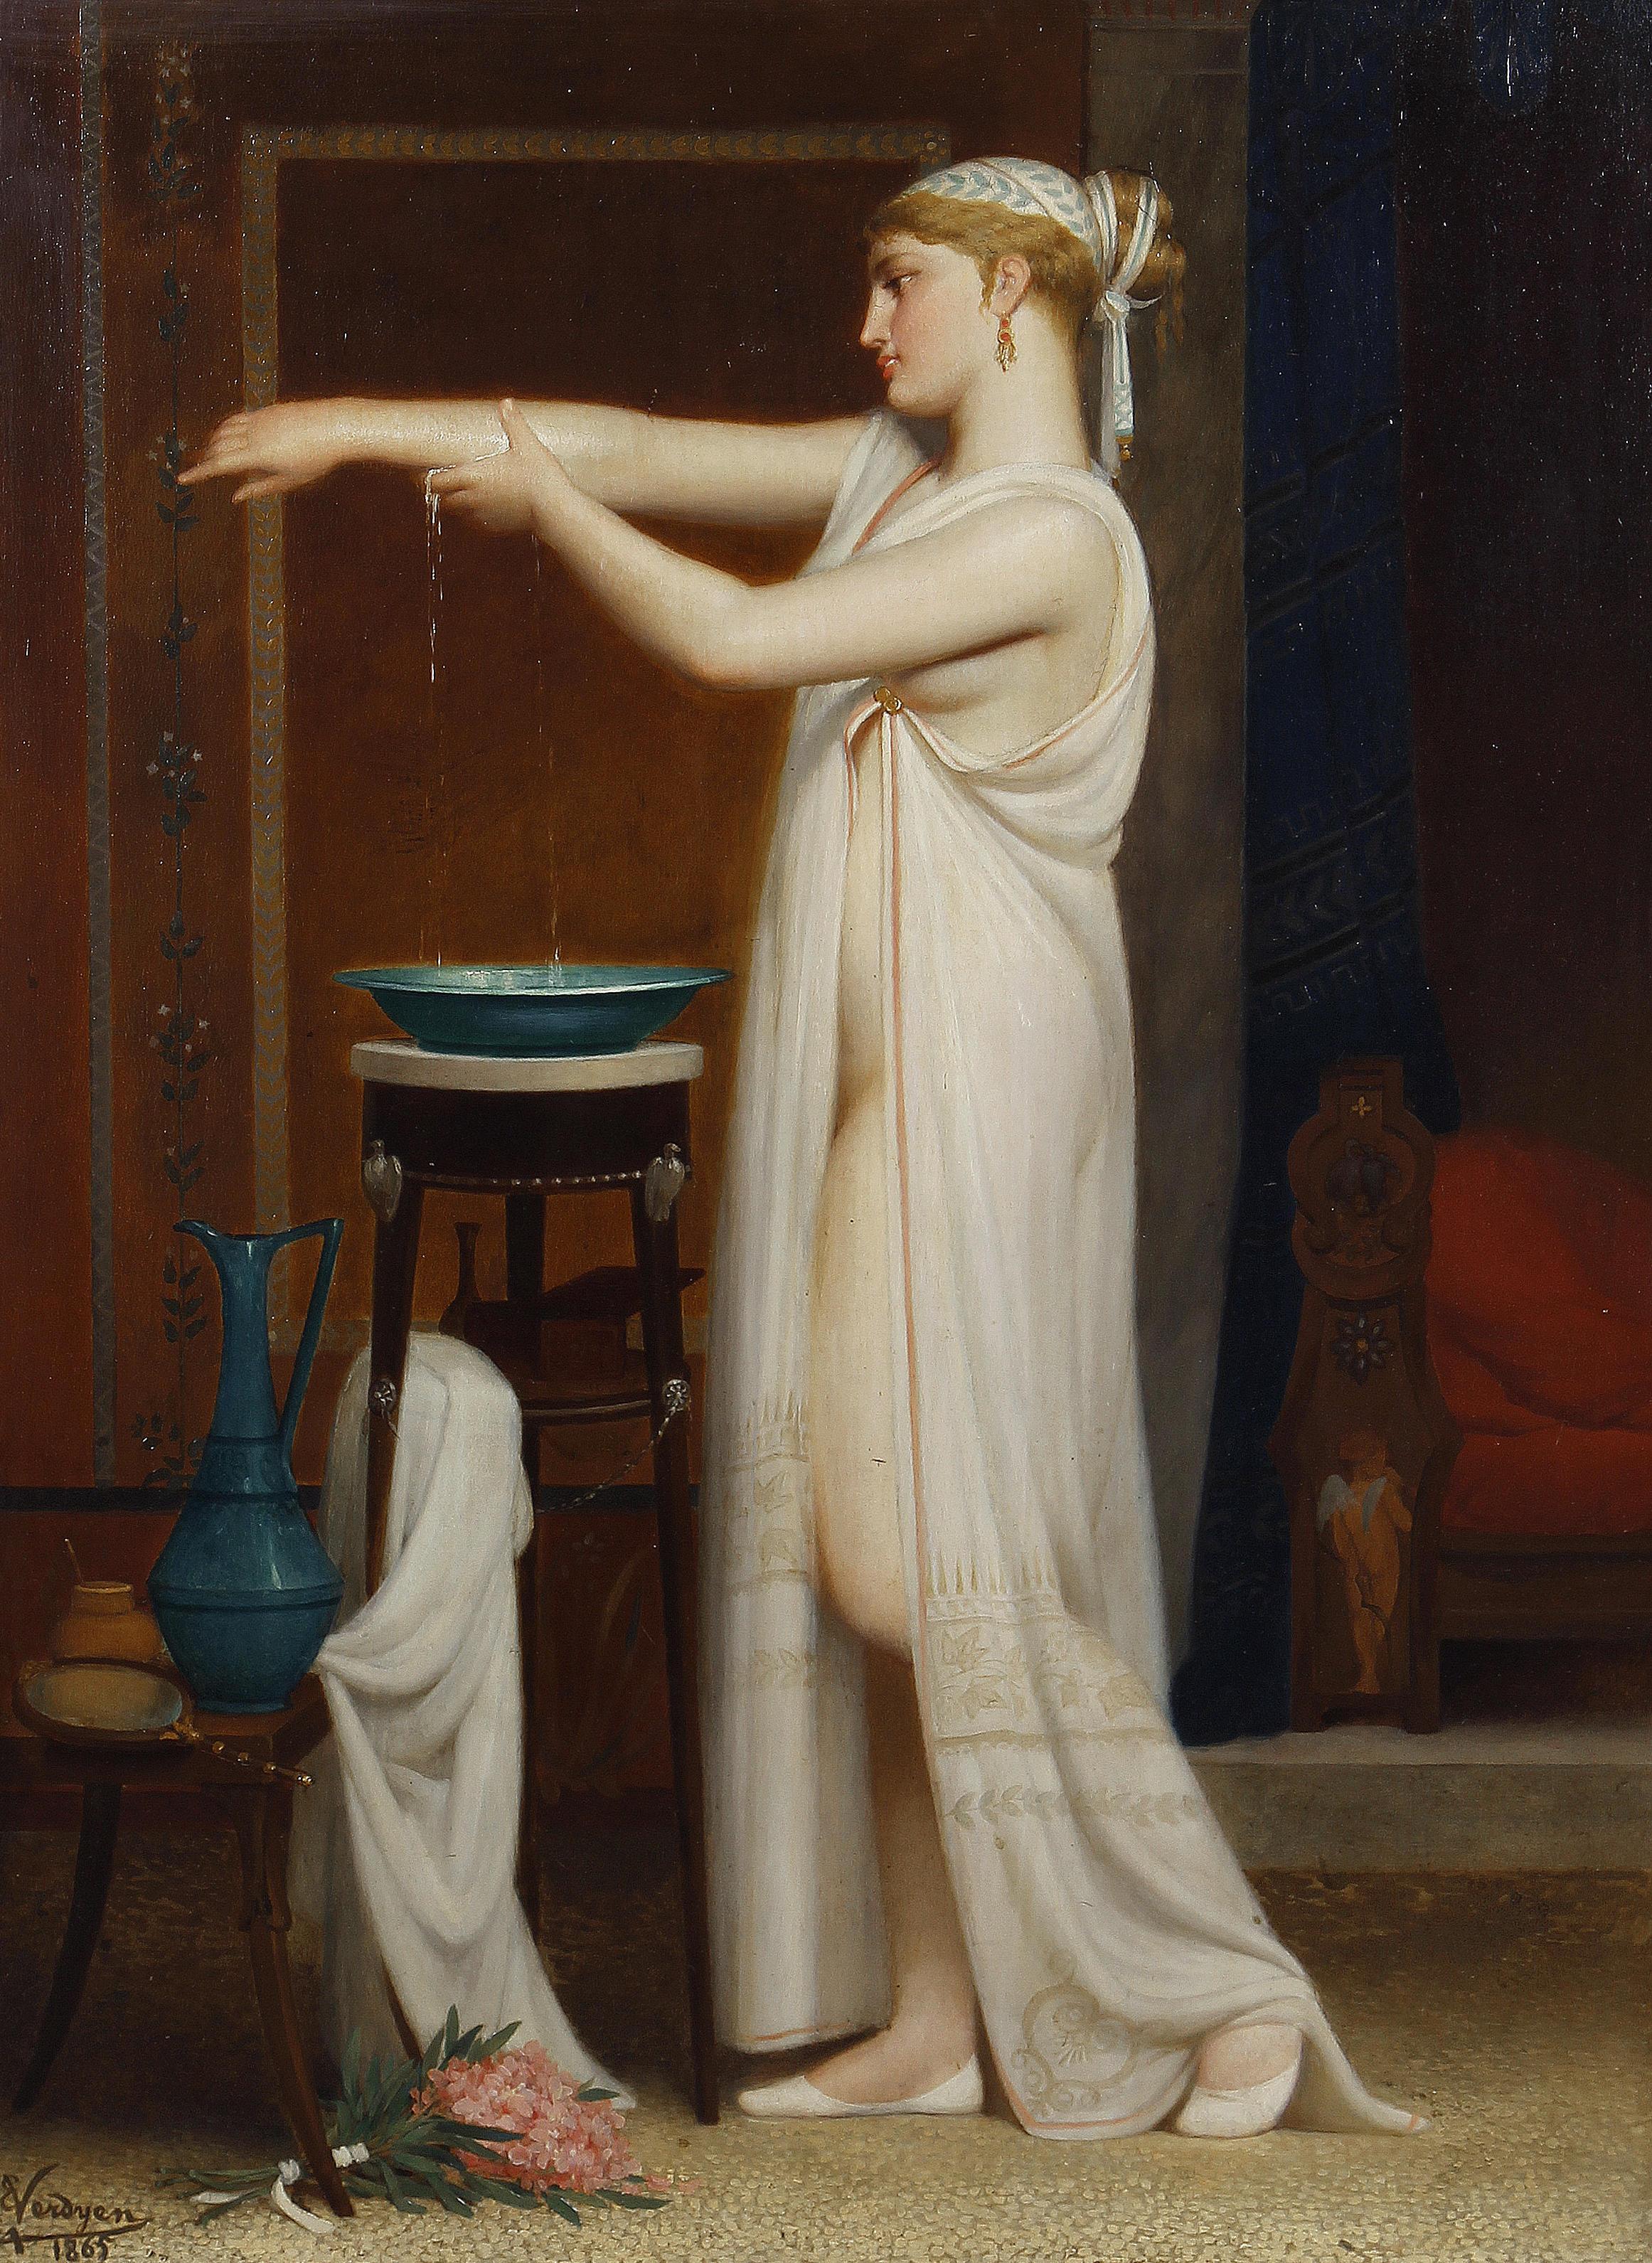 Eugene Verdyen, 1836-1903. Римская купальщица. 59.5 x 42 см. Частная коллекция